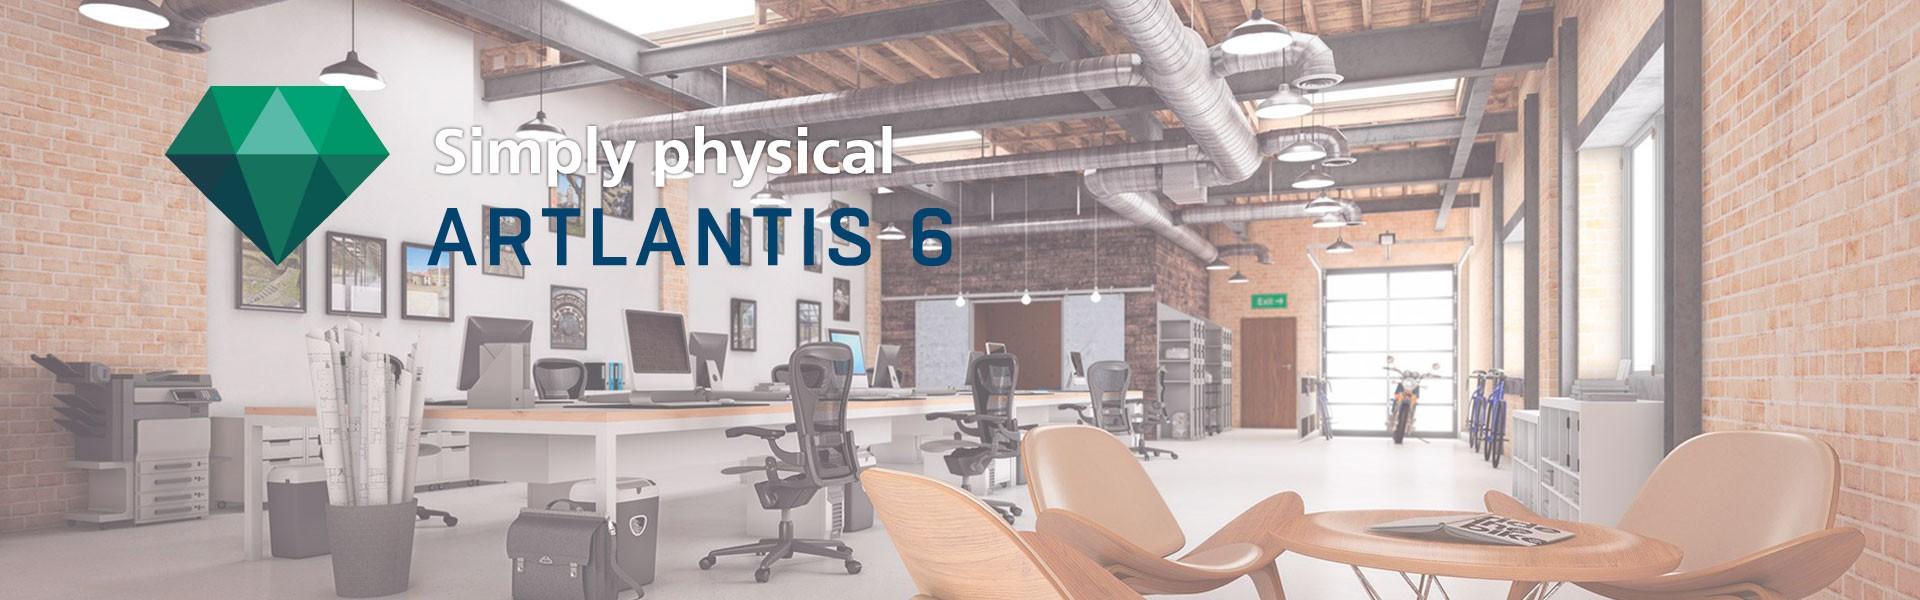 artlantis_6